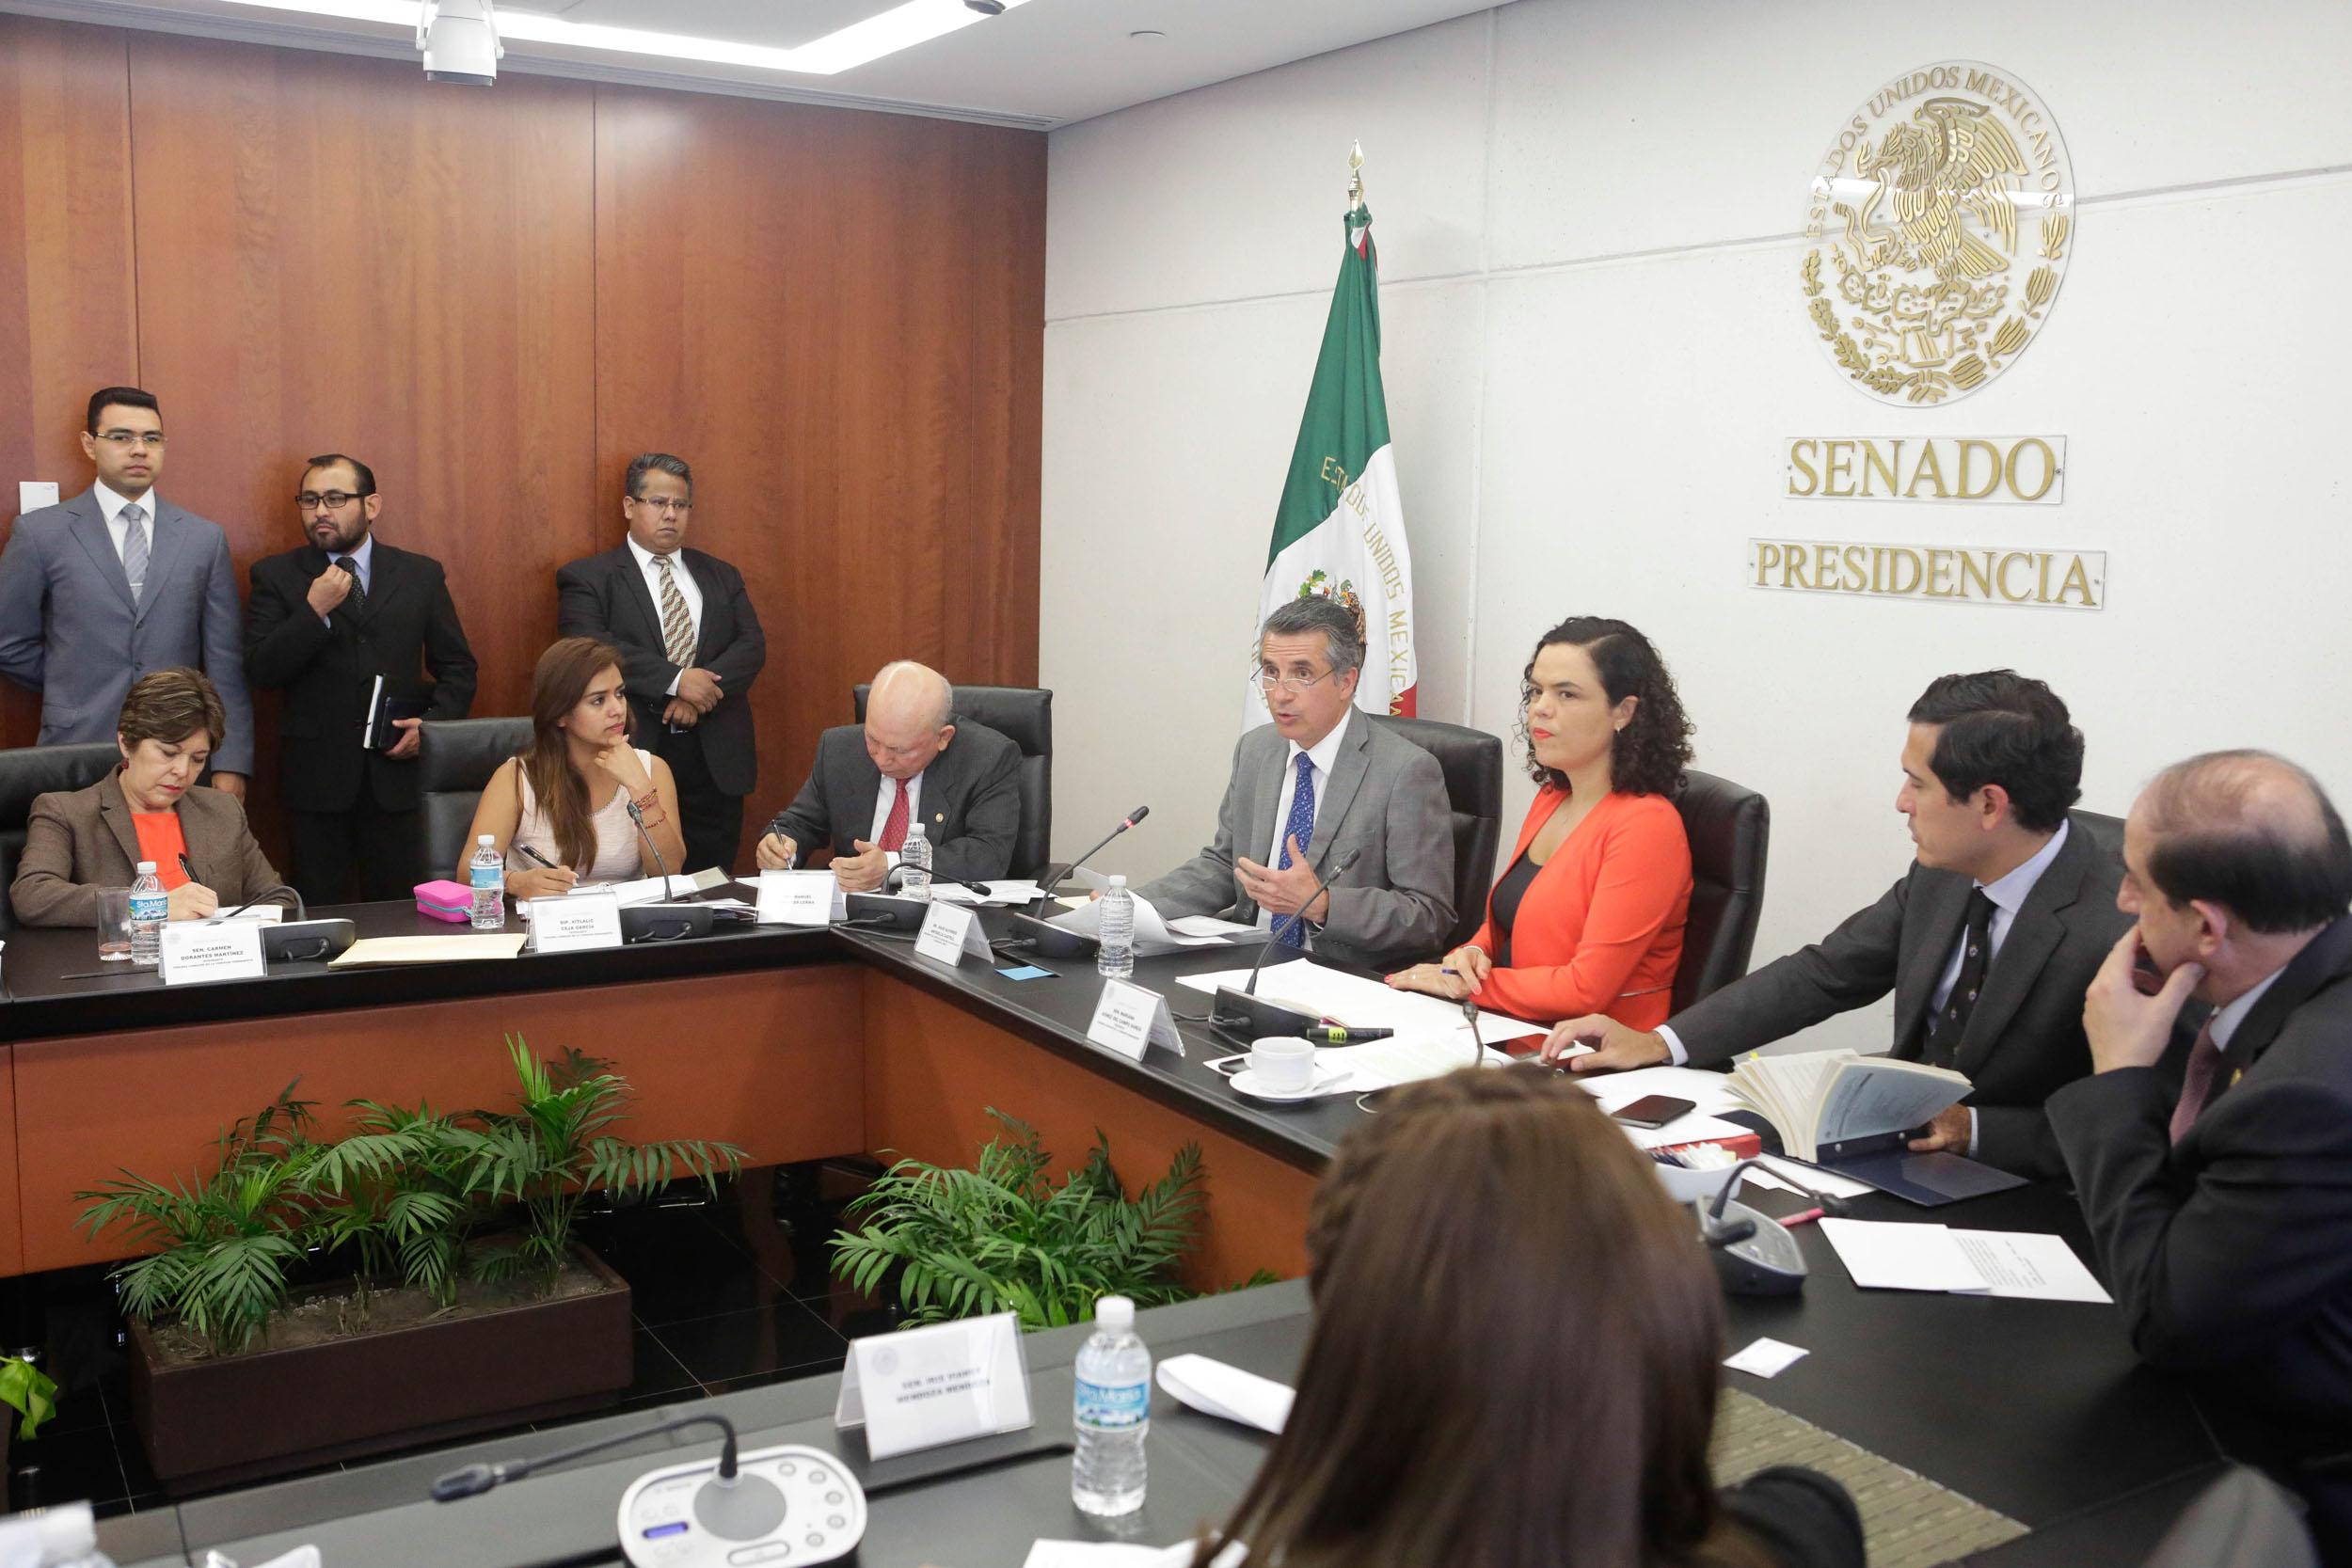 Preocupa al Congreso alteración deliberada de cifras de pobreza, advierte senadora Mariana Gómez del Campo